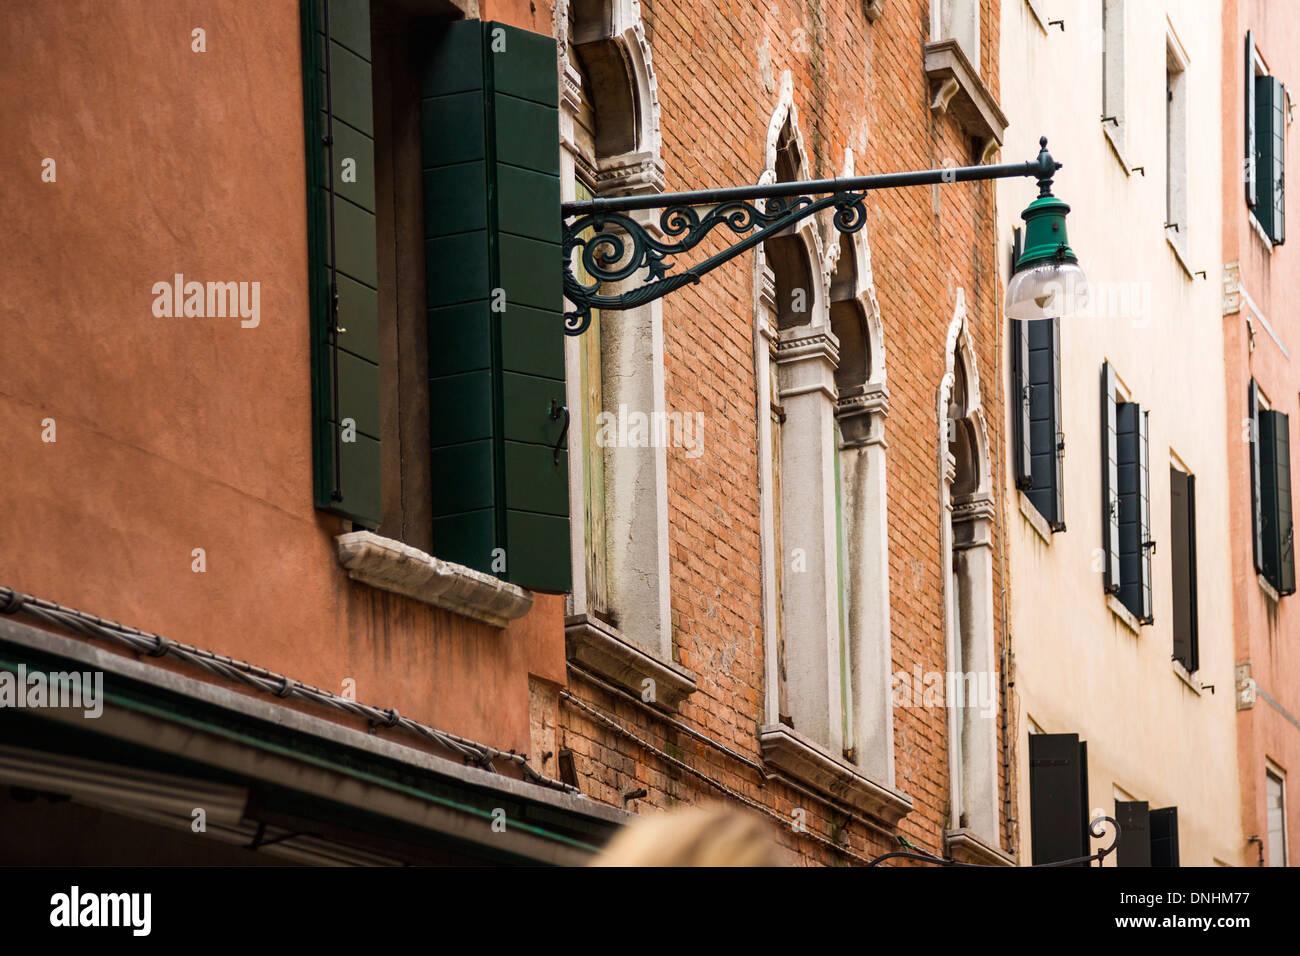 Portrait d'un immeuble résidentiel, Venise, Vénétie, Italie Banque D'Images